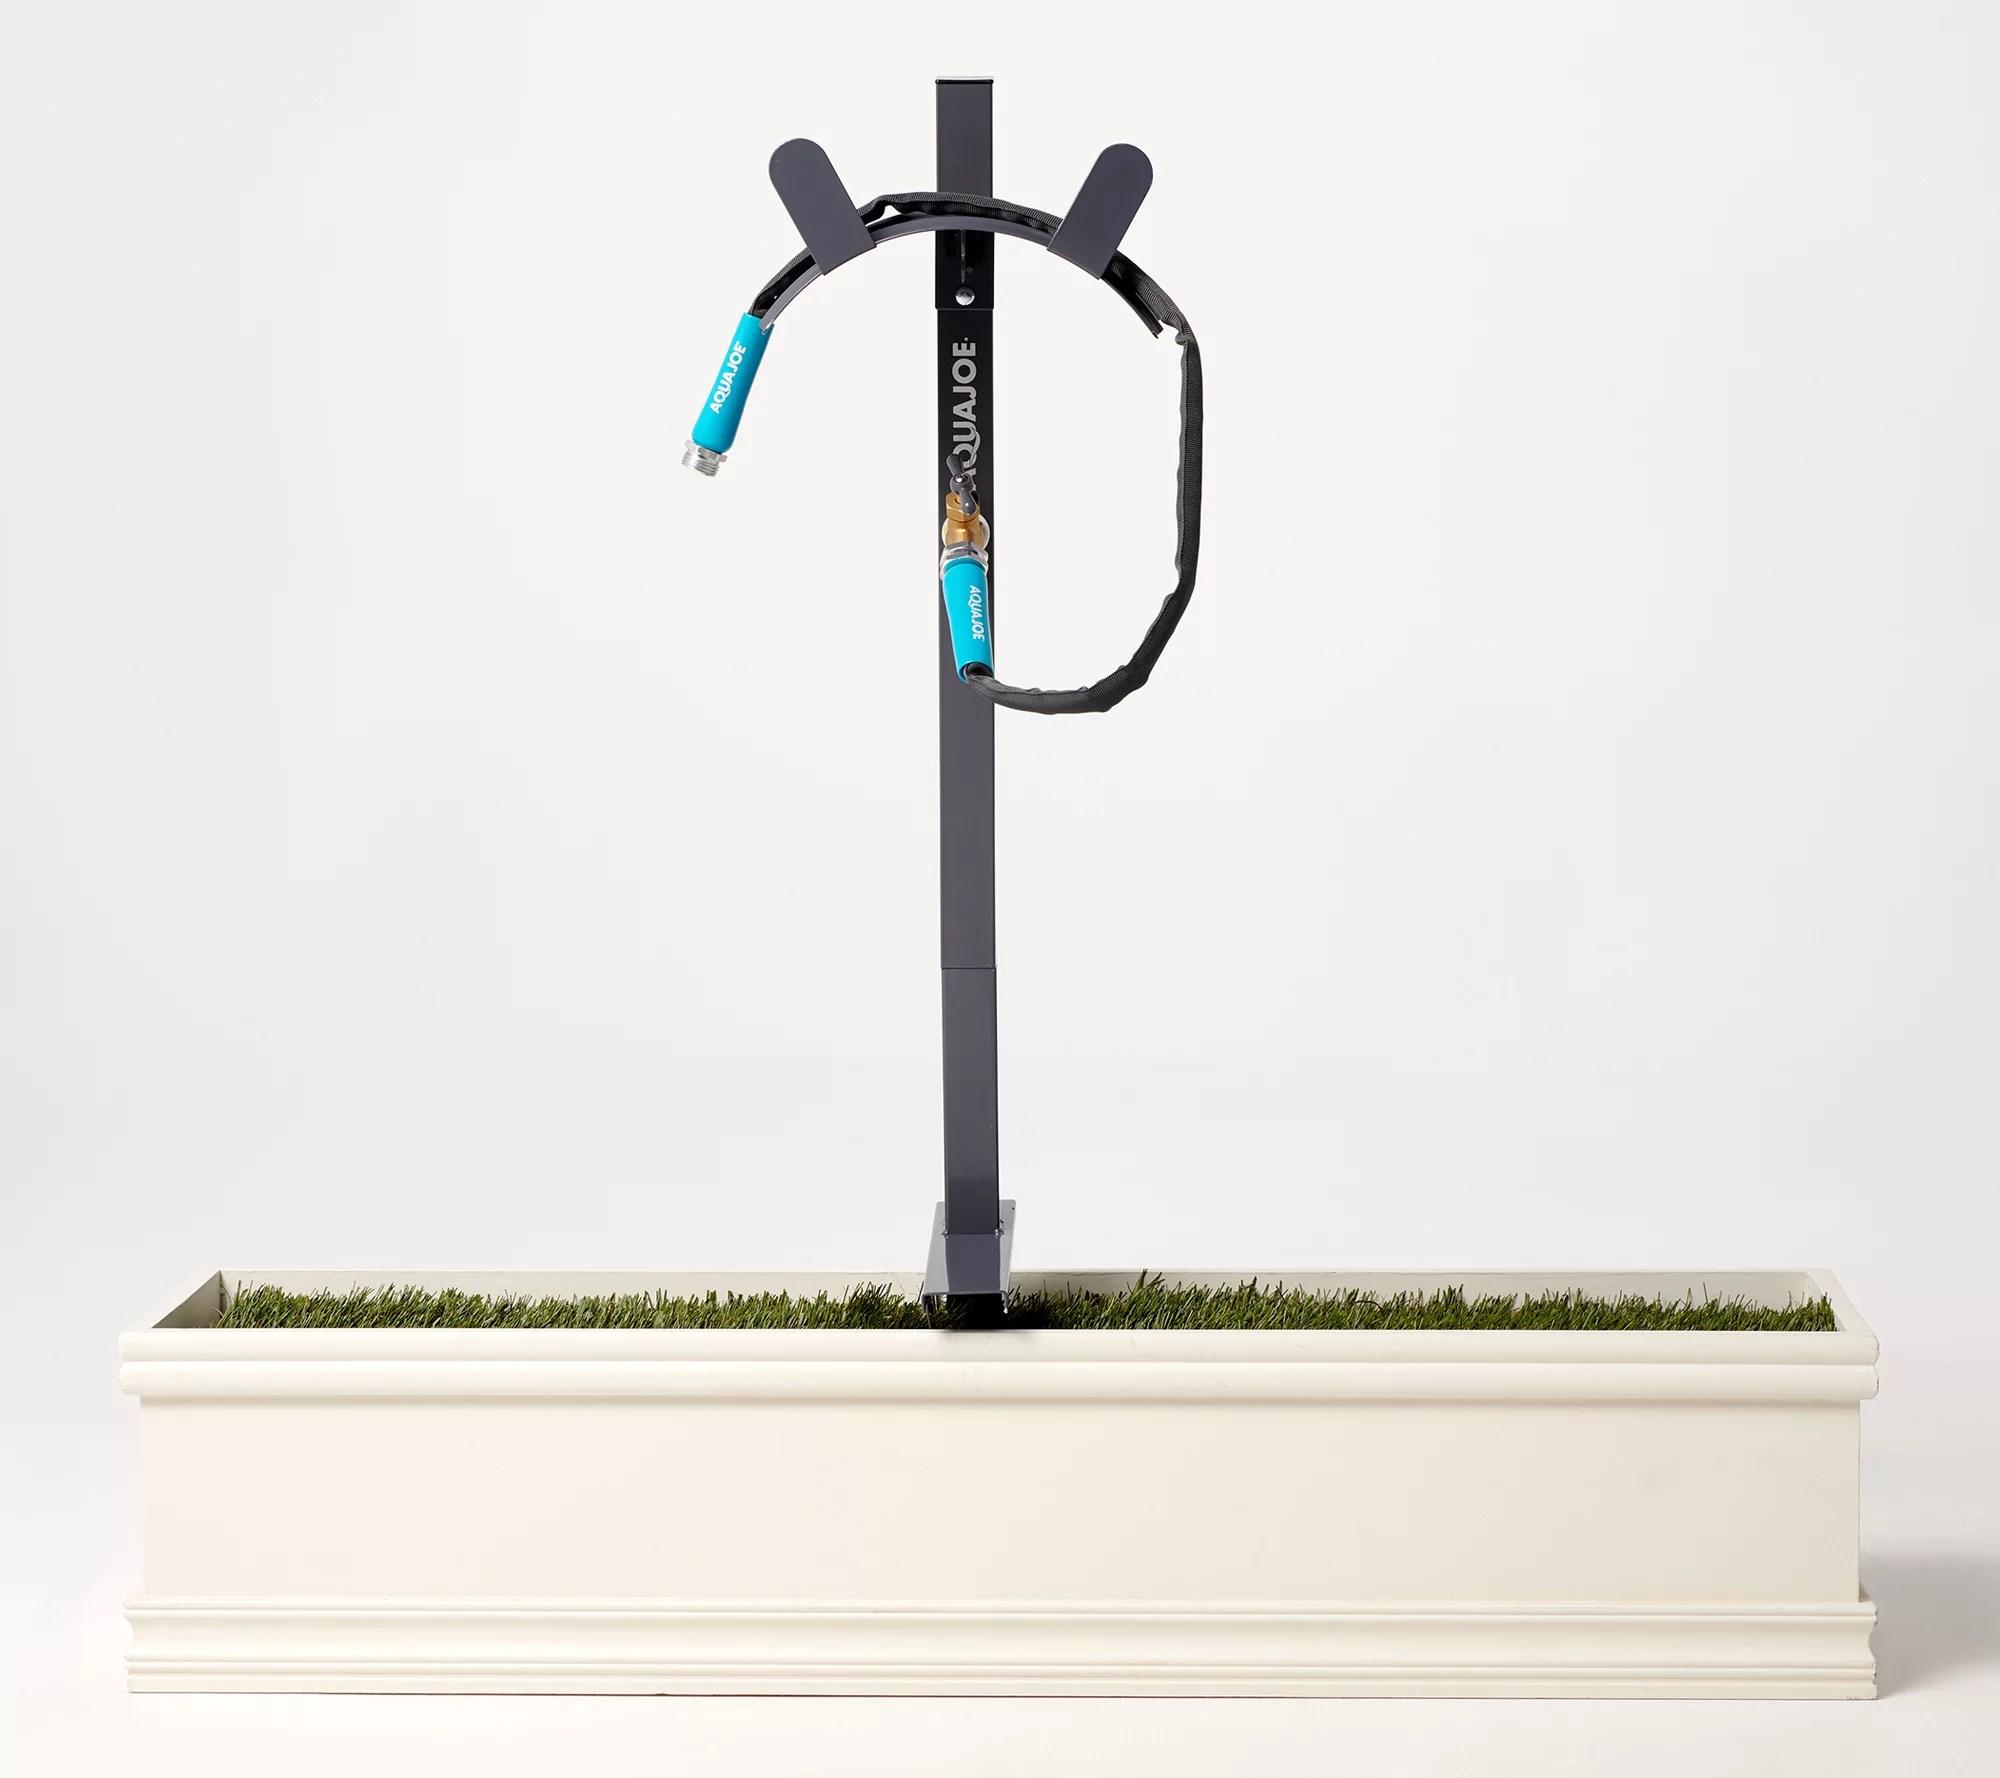 aqua joe garden hose stand with brass faucet 3ft lead hose qvc com